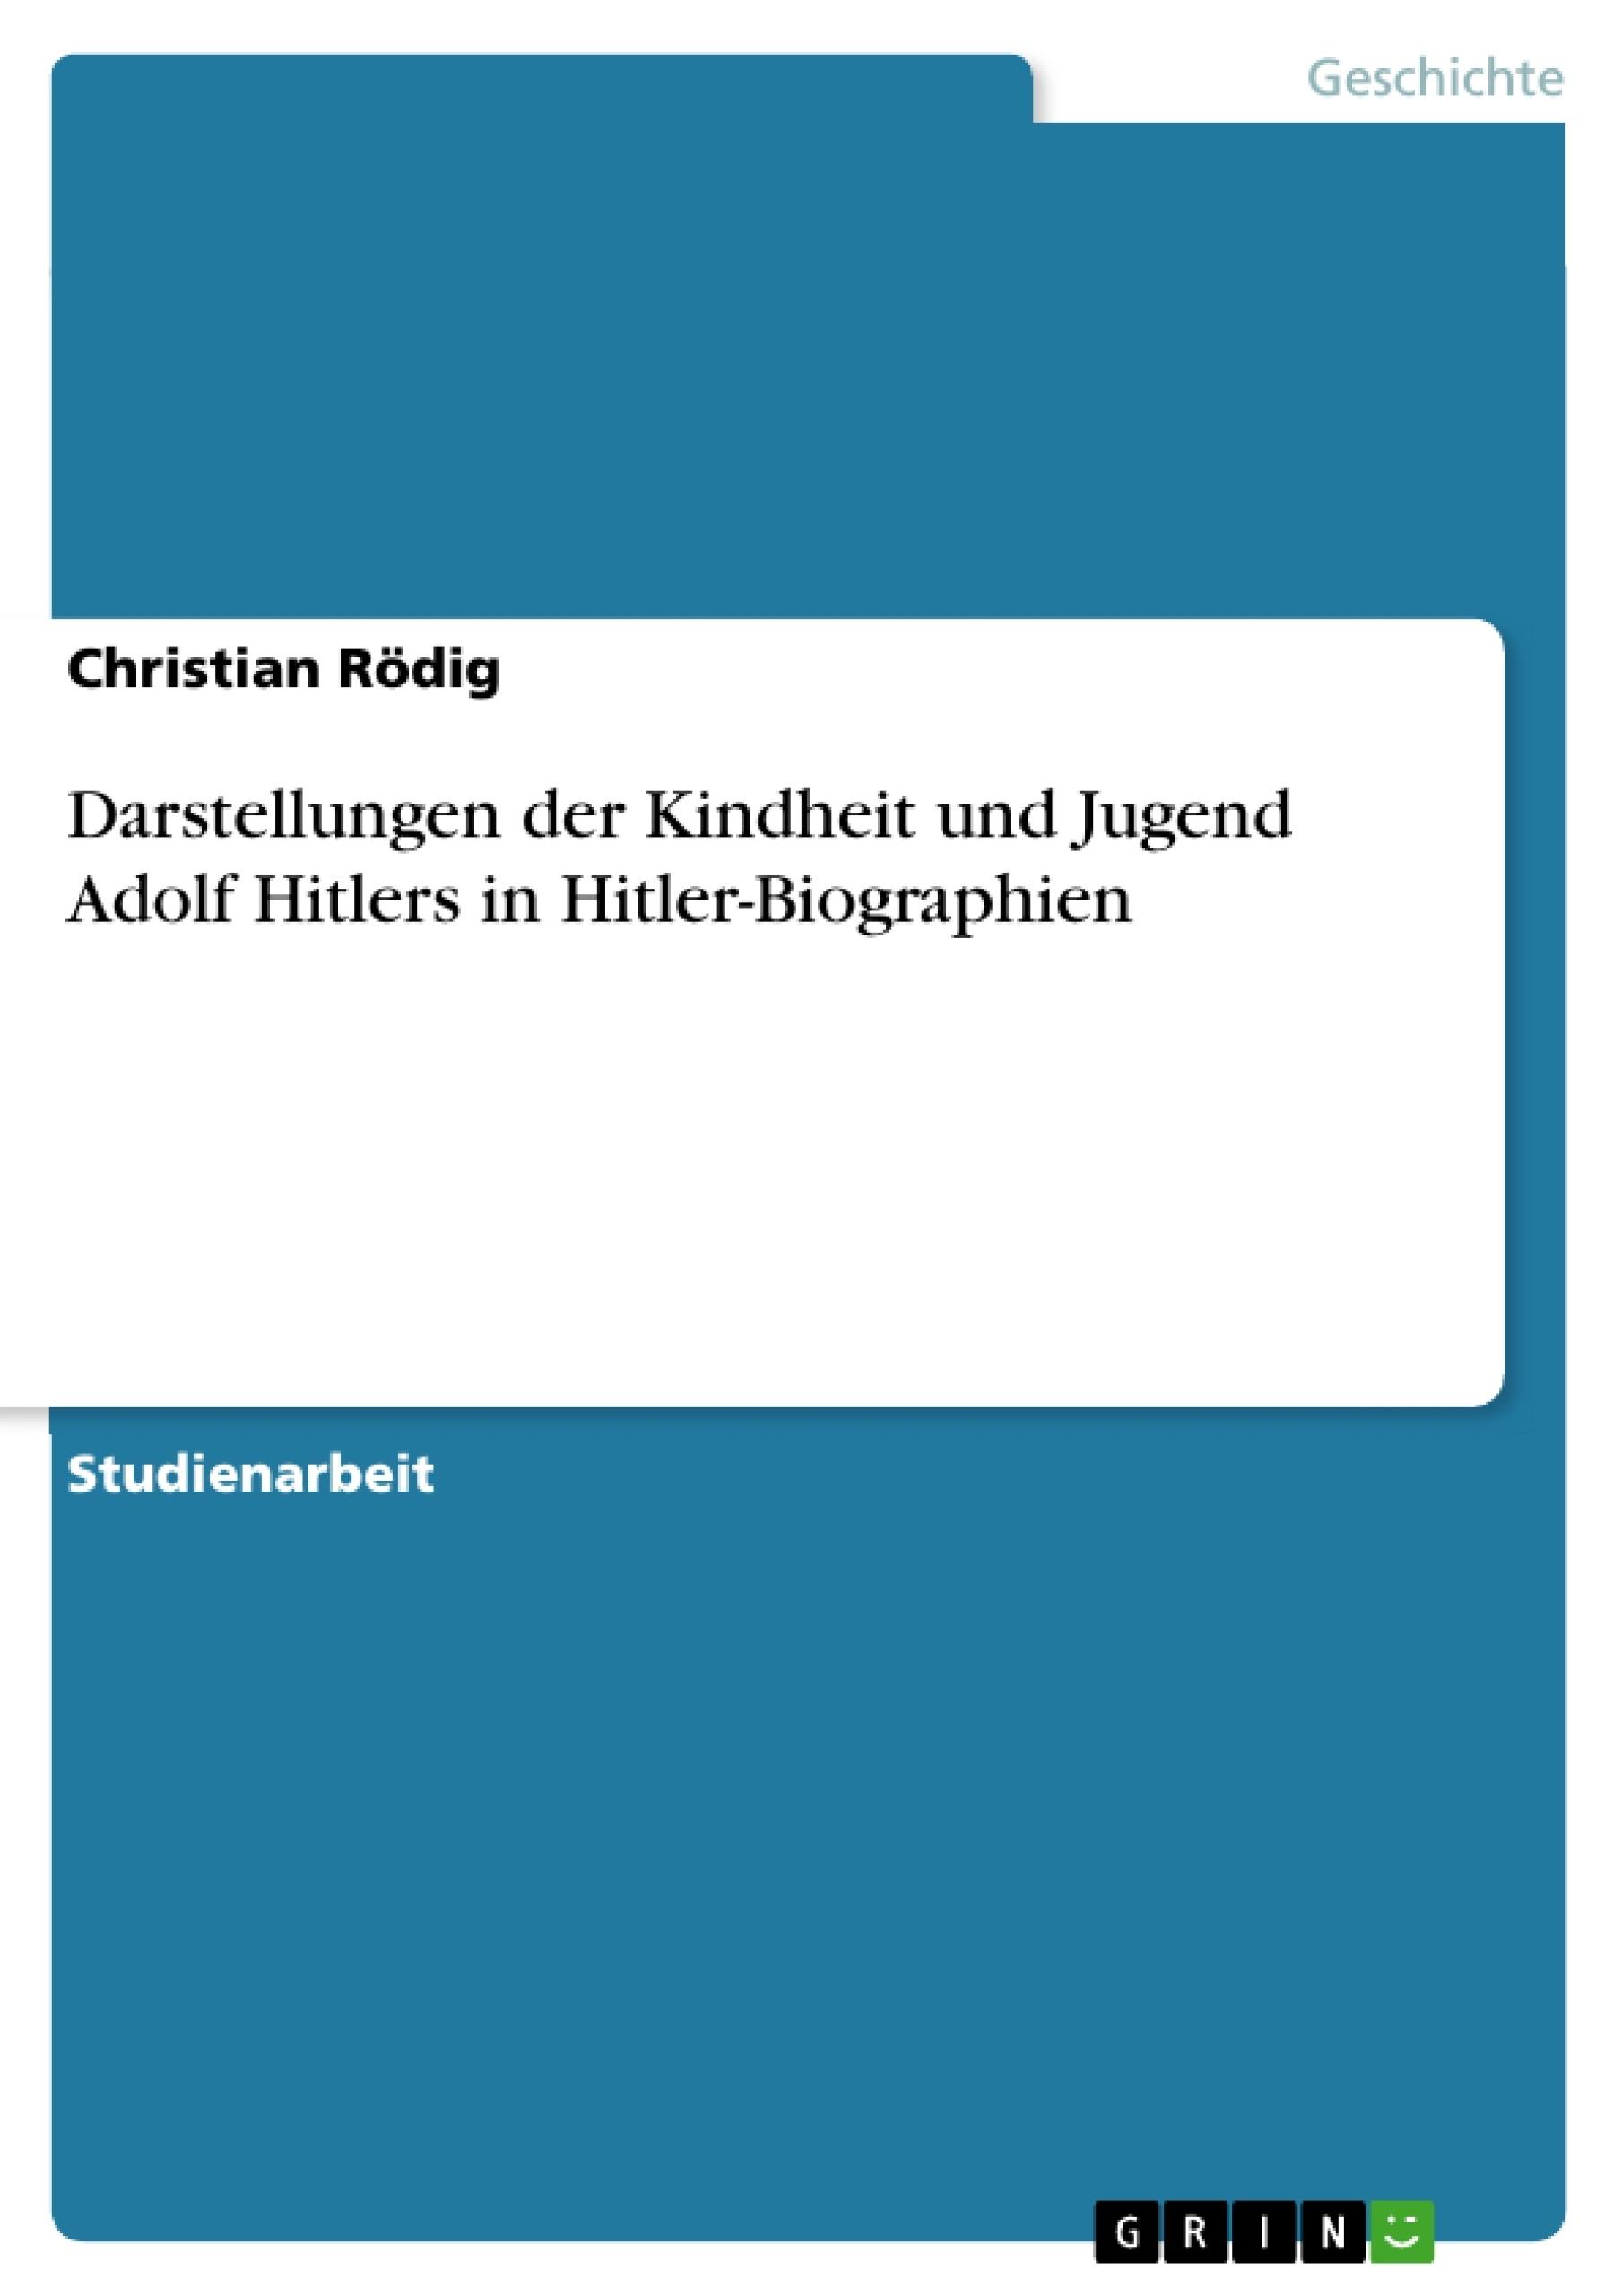 Titel: Darstellungen der Kindheit und Jugend Adolf Hitlers in Hitler-Biographien